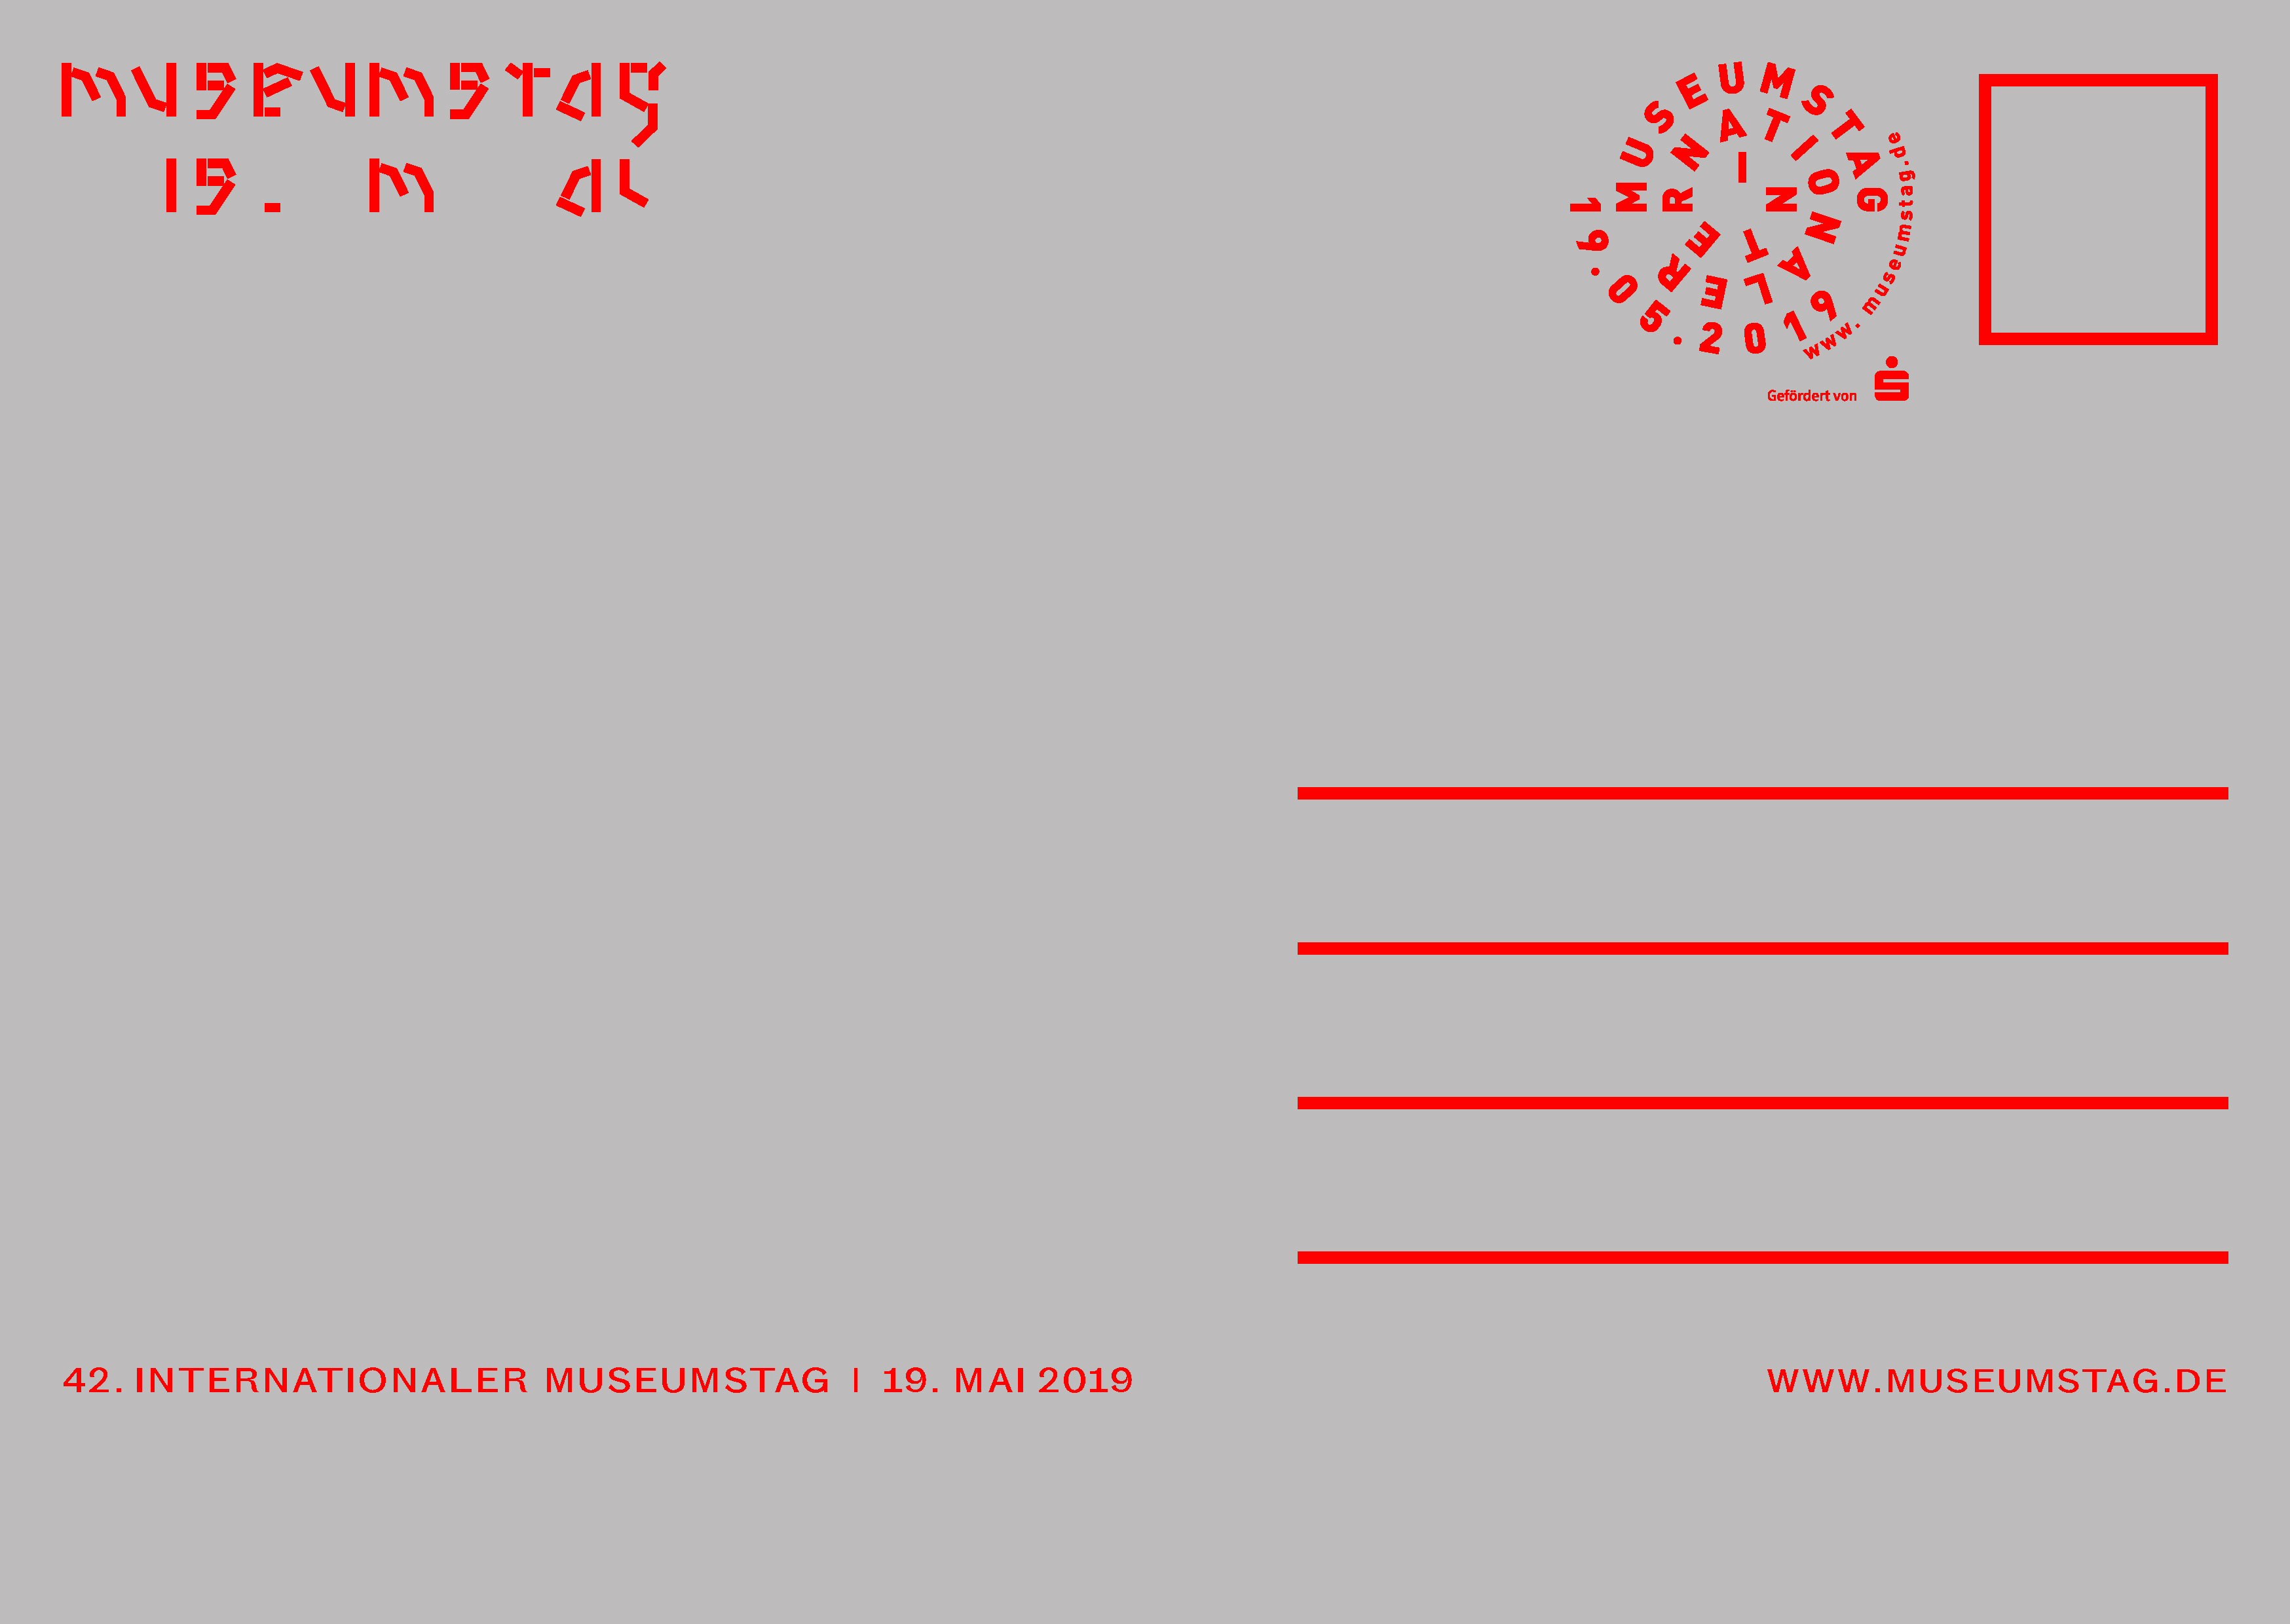 Internationaler Museumstag 2019 Postcard Back